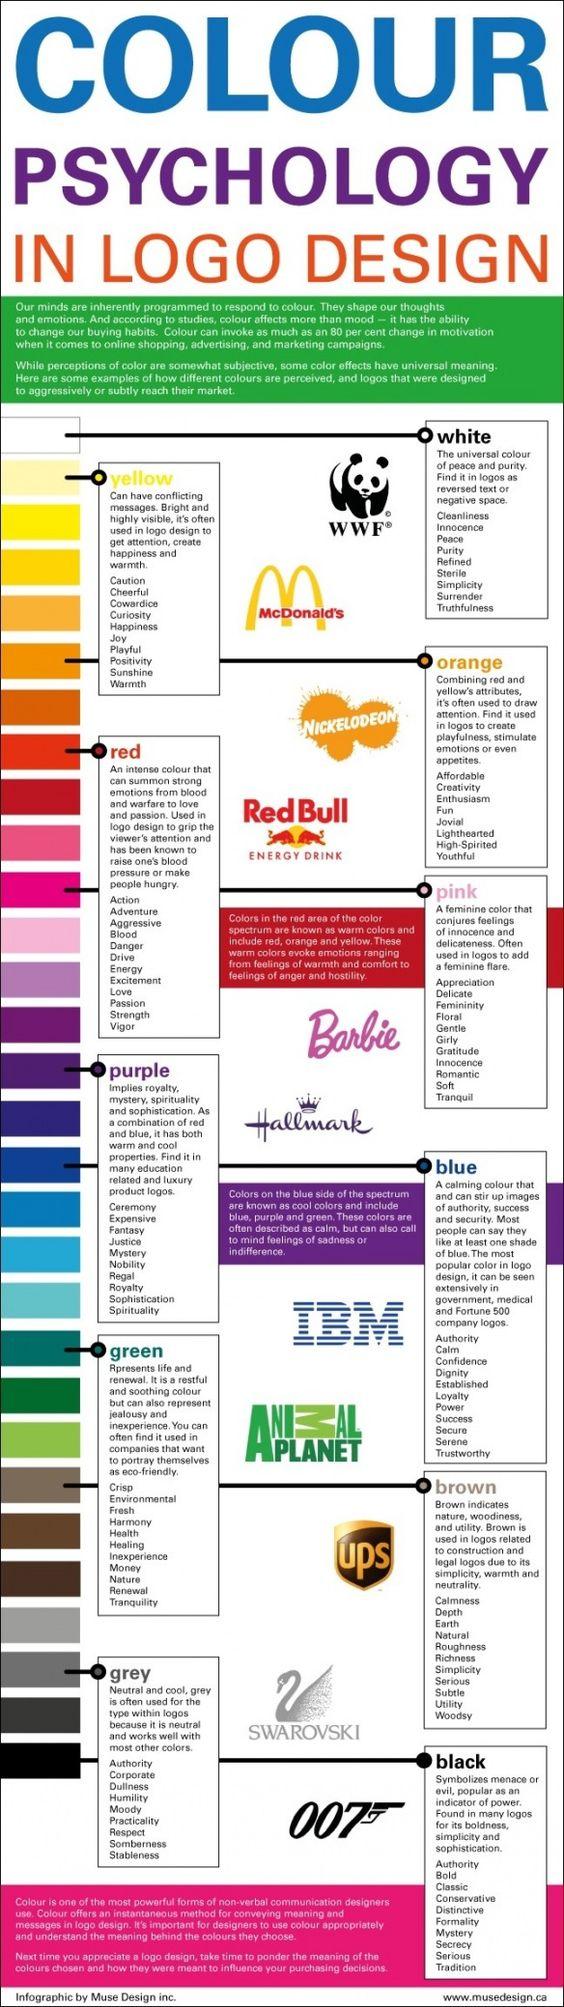 Colour psychology in logo design.